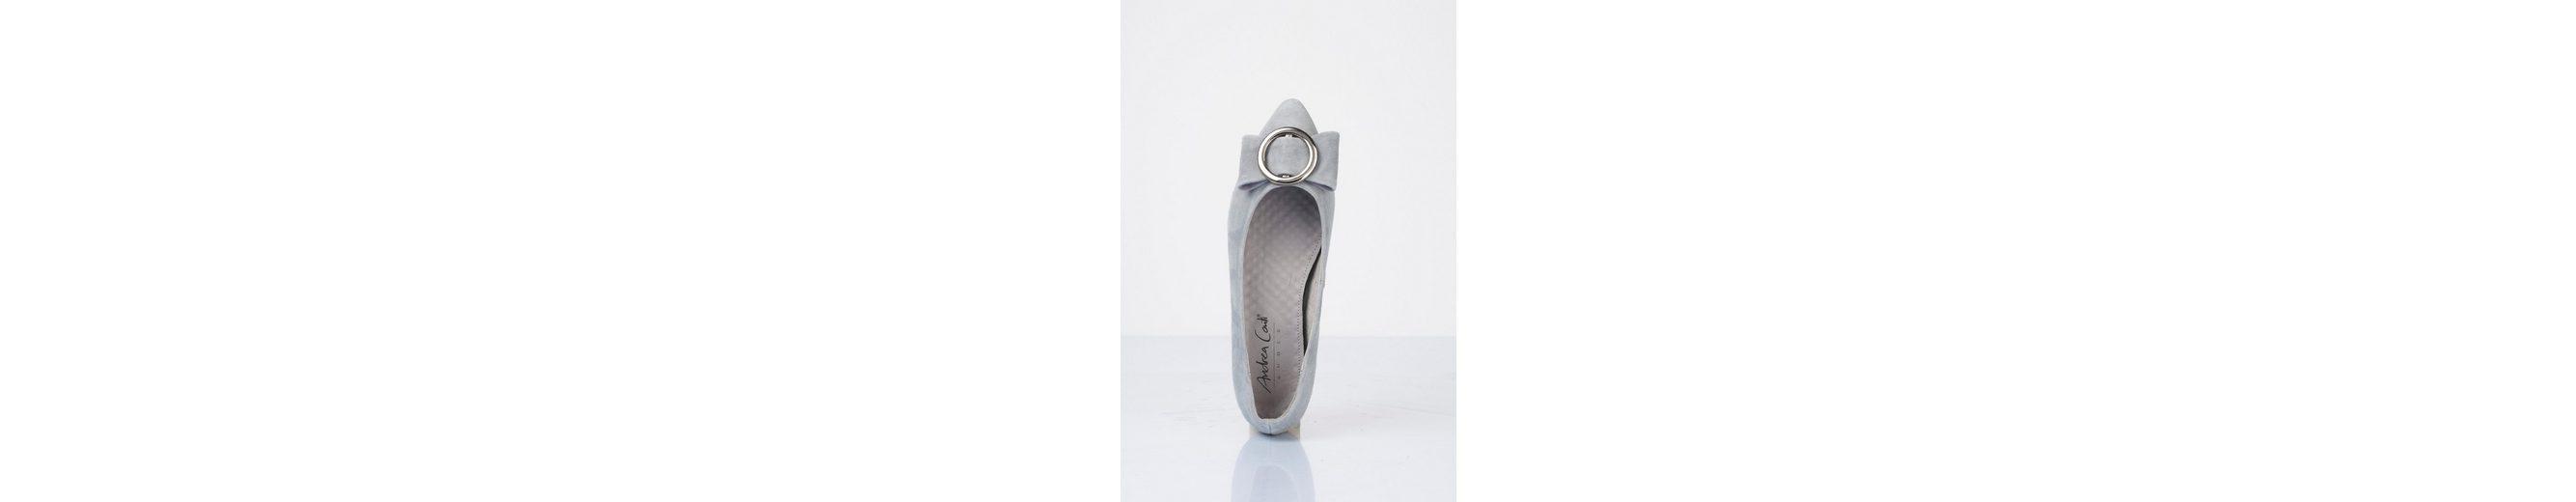 Shop-Angebot Verkauf Online Rabatt Neueste Andrea Conti Ballerina mit Schleifen-Applikation 8JQU9